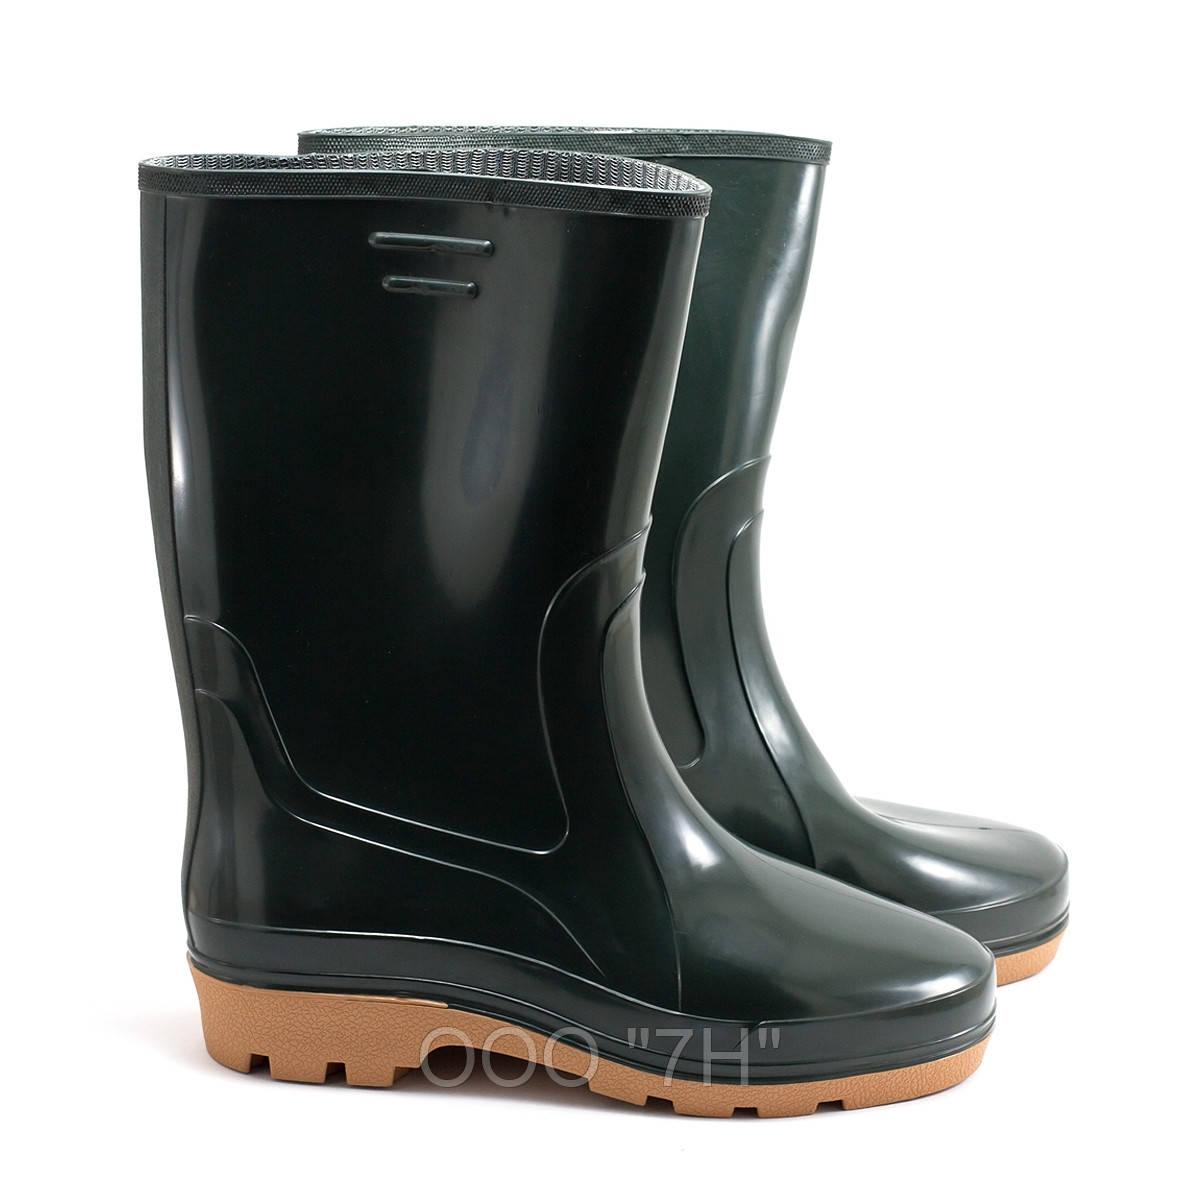 597a1fb621e3 ТД Реалпакс - пенка обувь оптом от производителя в Украине